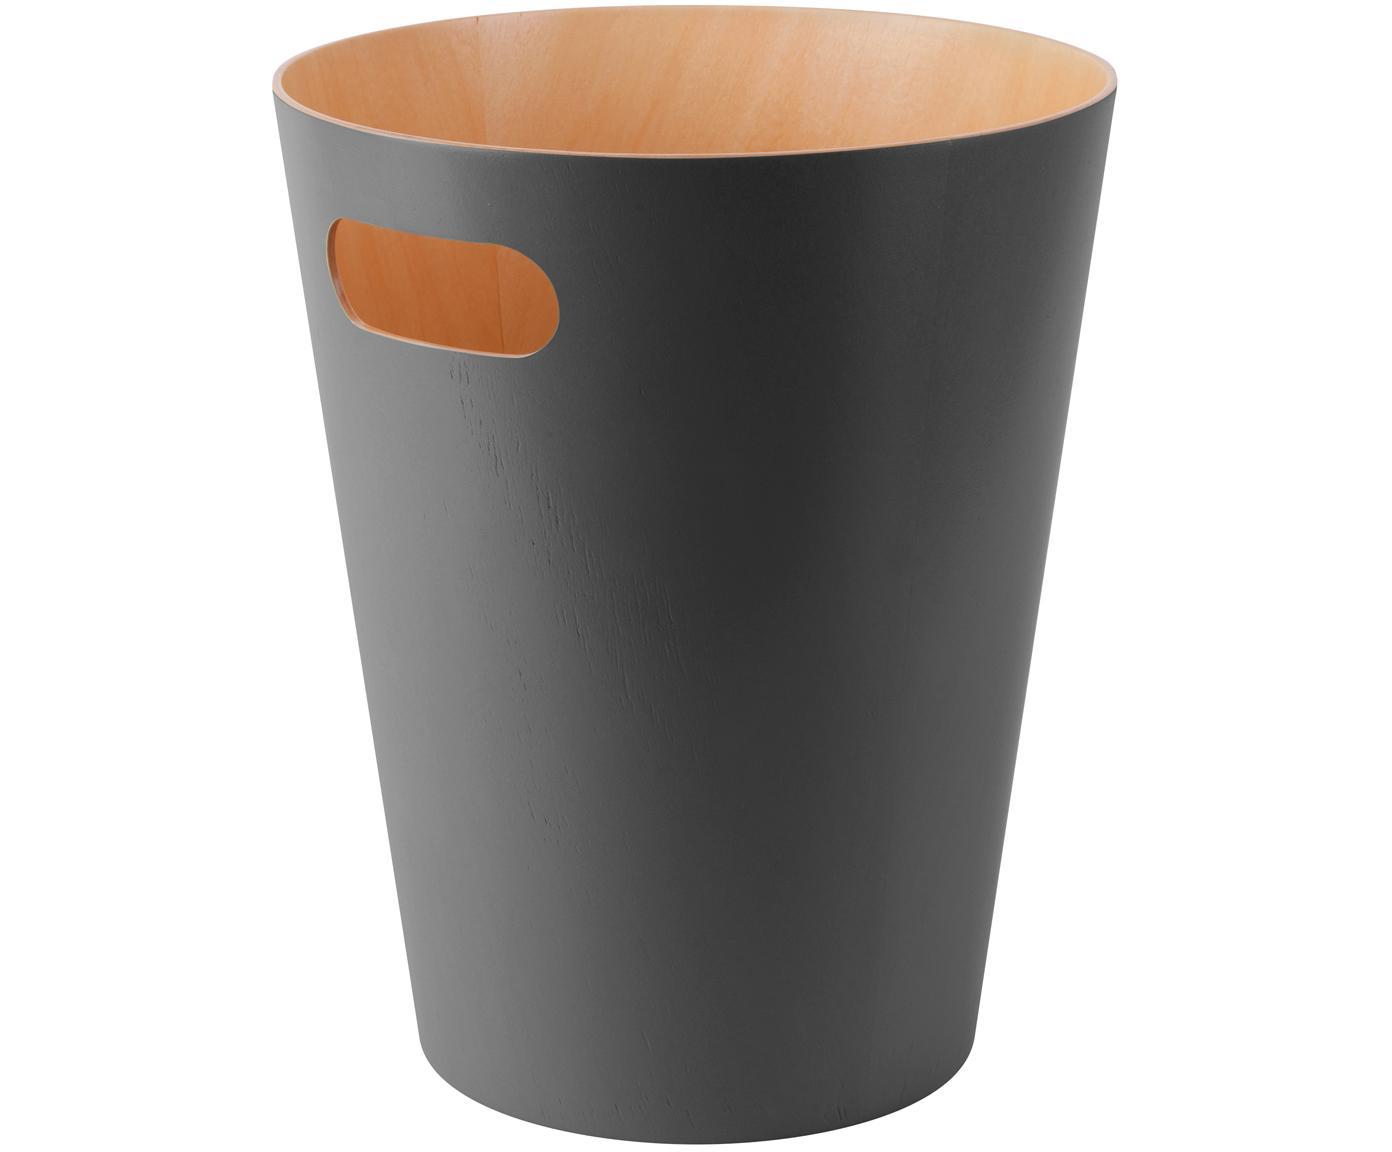 Kosz na śmieci Woodrow Can, Drewno lakierowane, Antracytowy, Ø 23 x W 28 cm